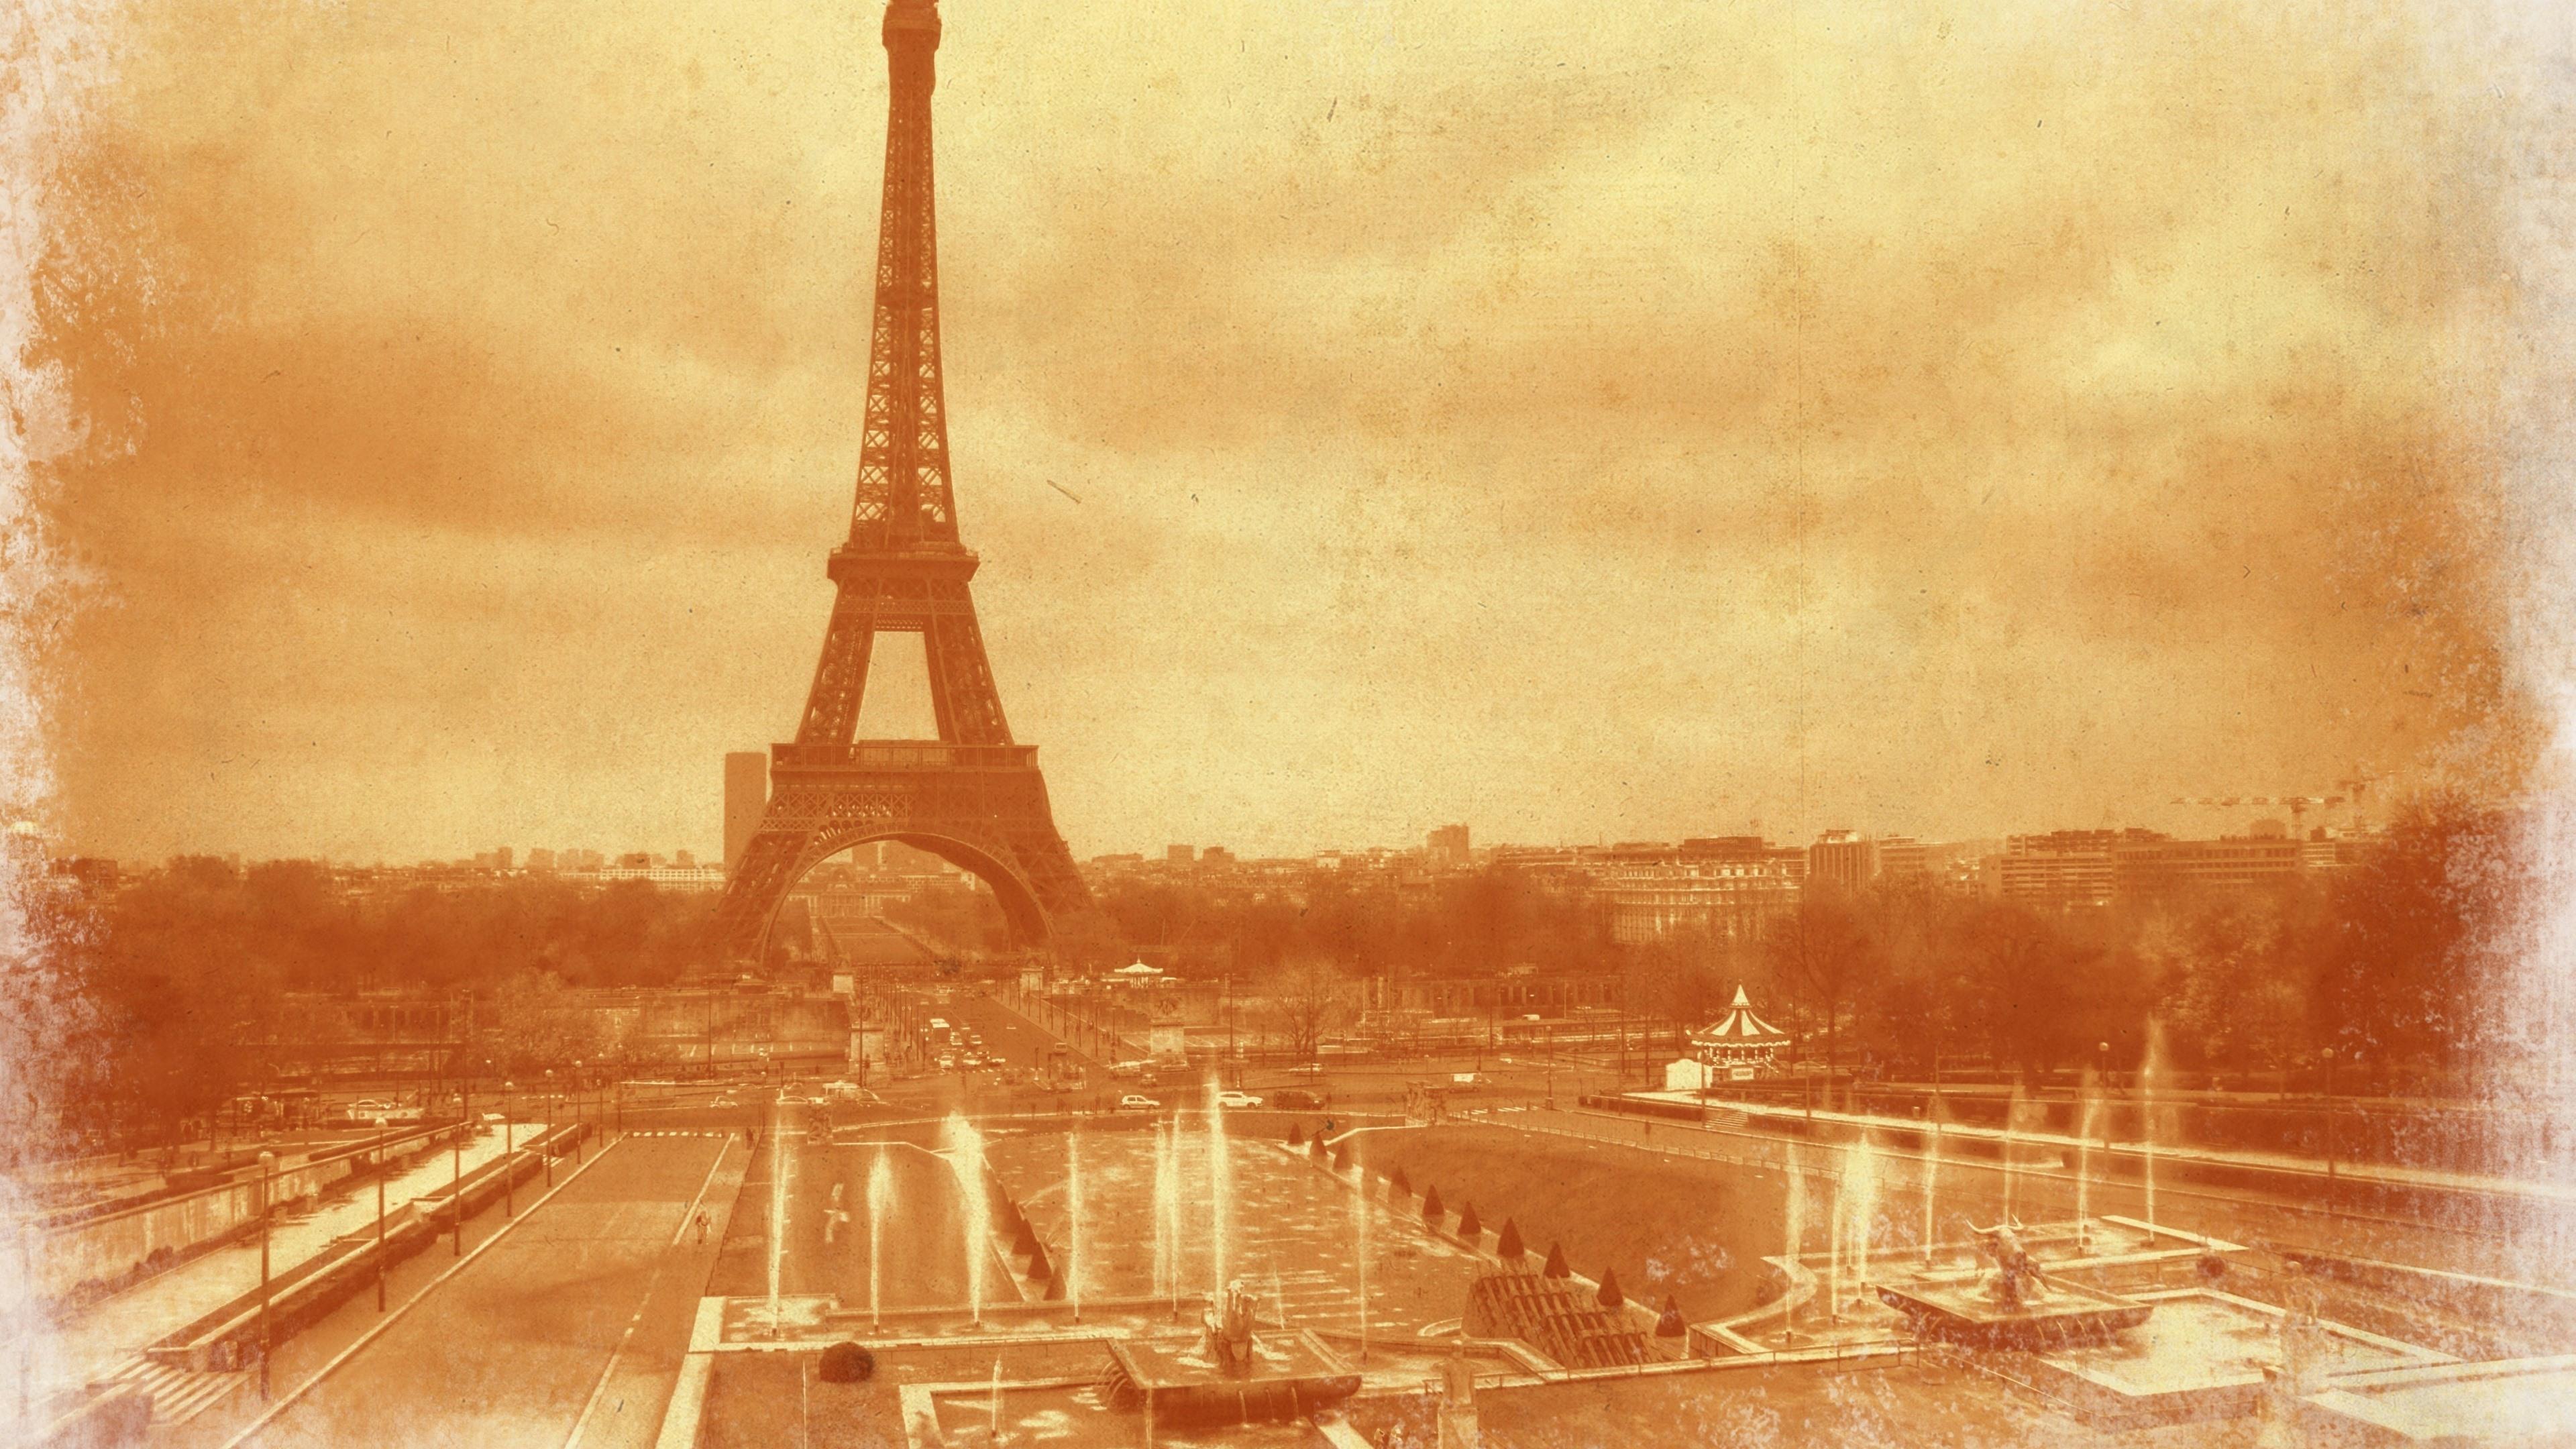 フランス エッフェル塔 古い写真 1080x1920 Iphone 8 7 6 6s Plus